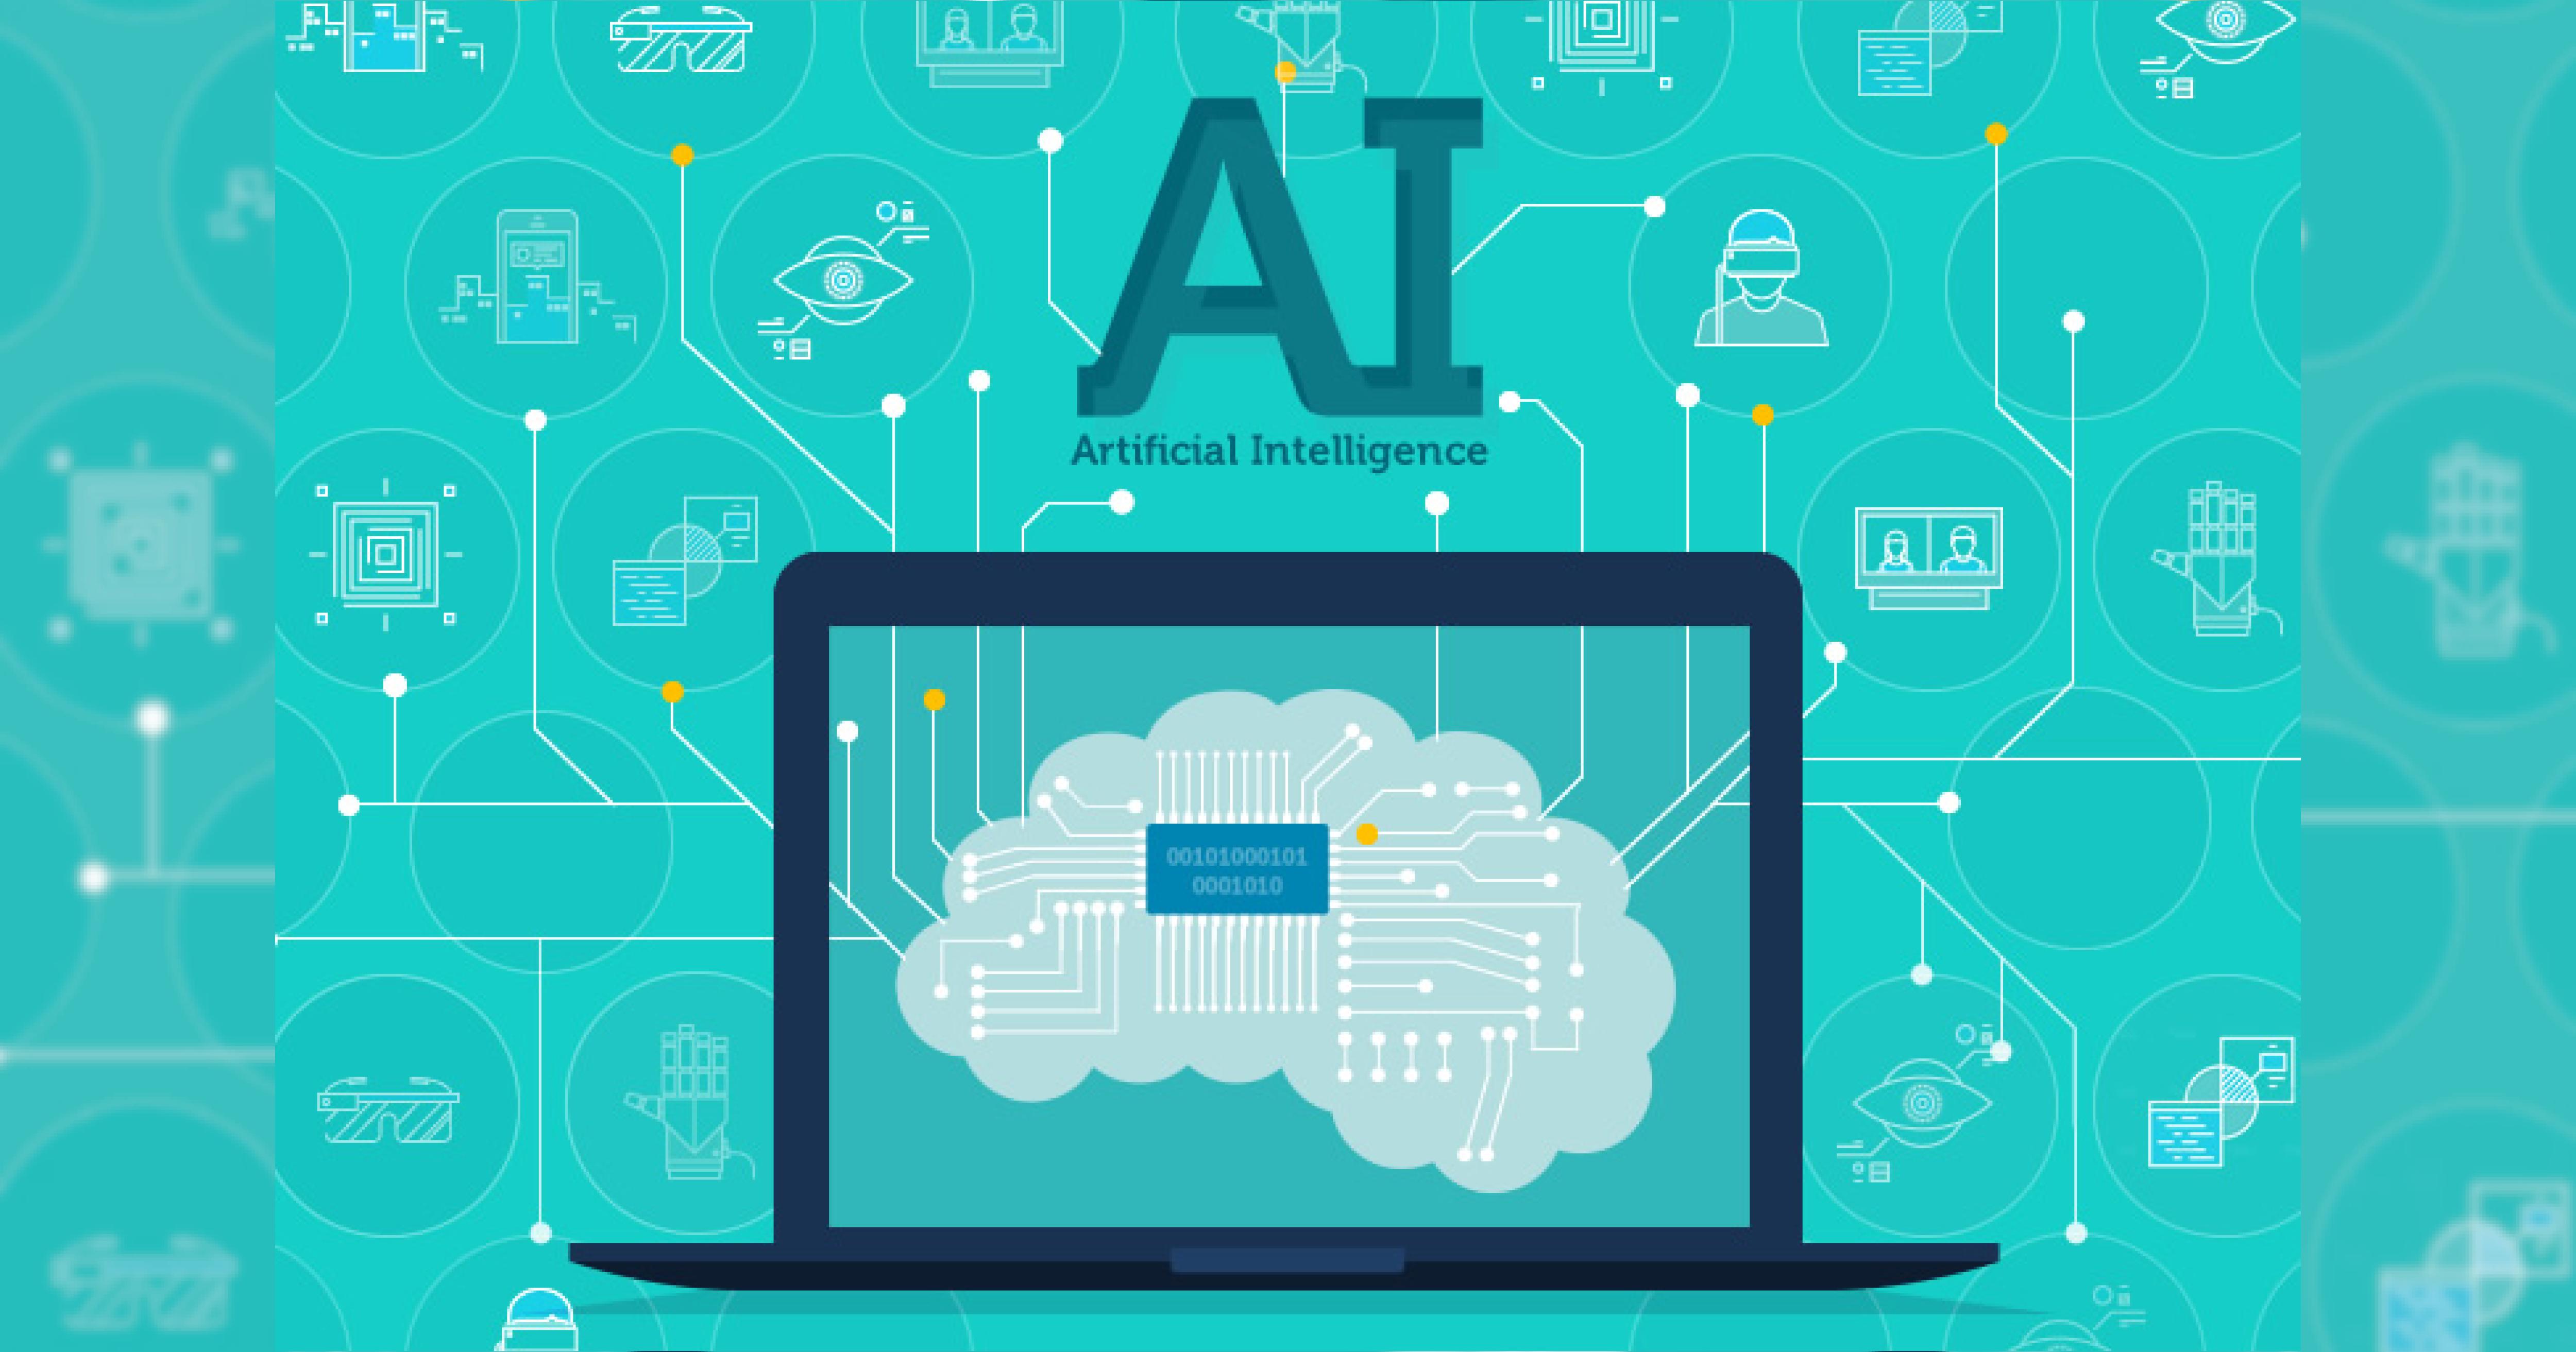 今さら聞けない「AI・人工知能」とは? | AI専門ニュースメディア AINOW